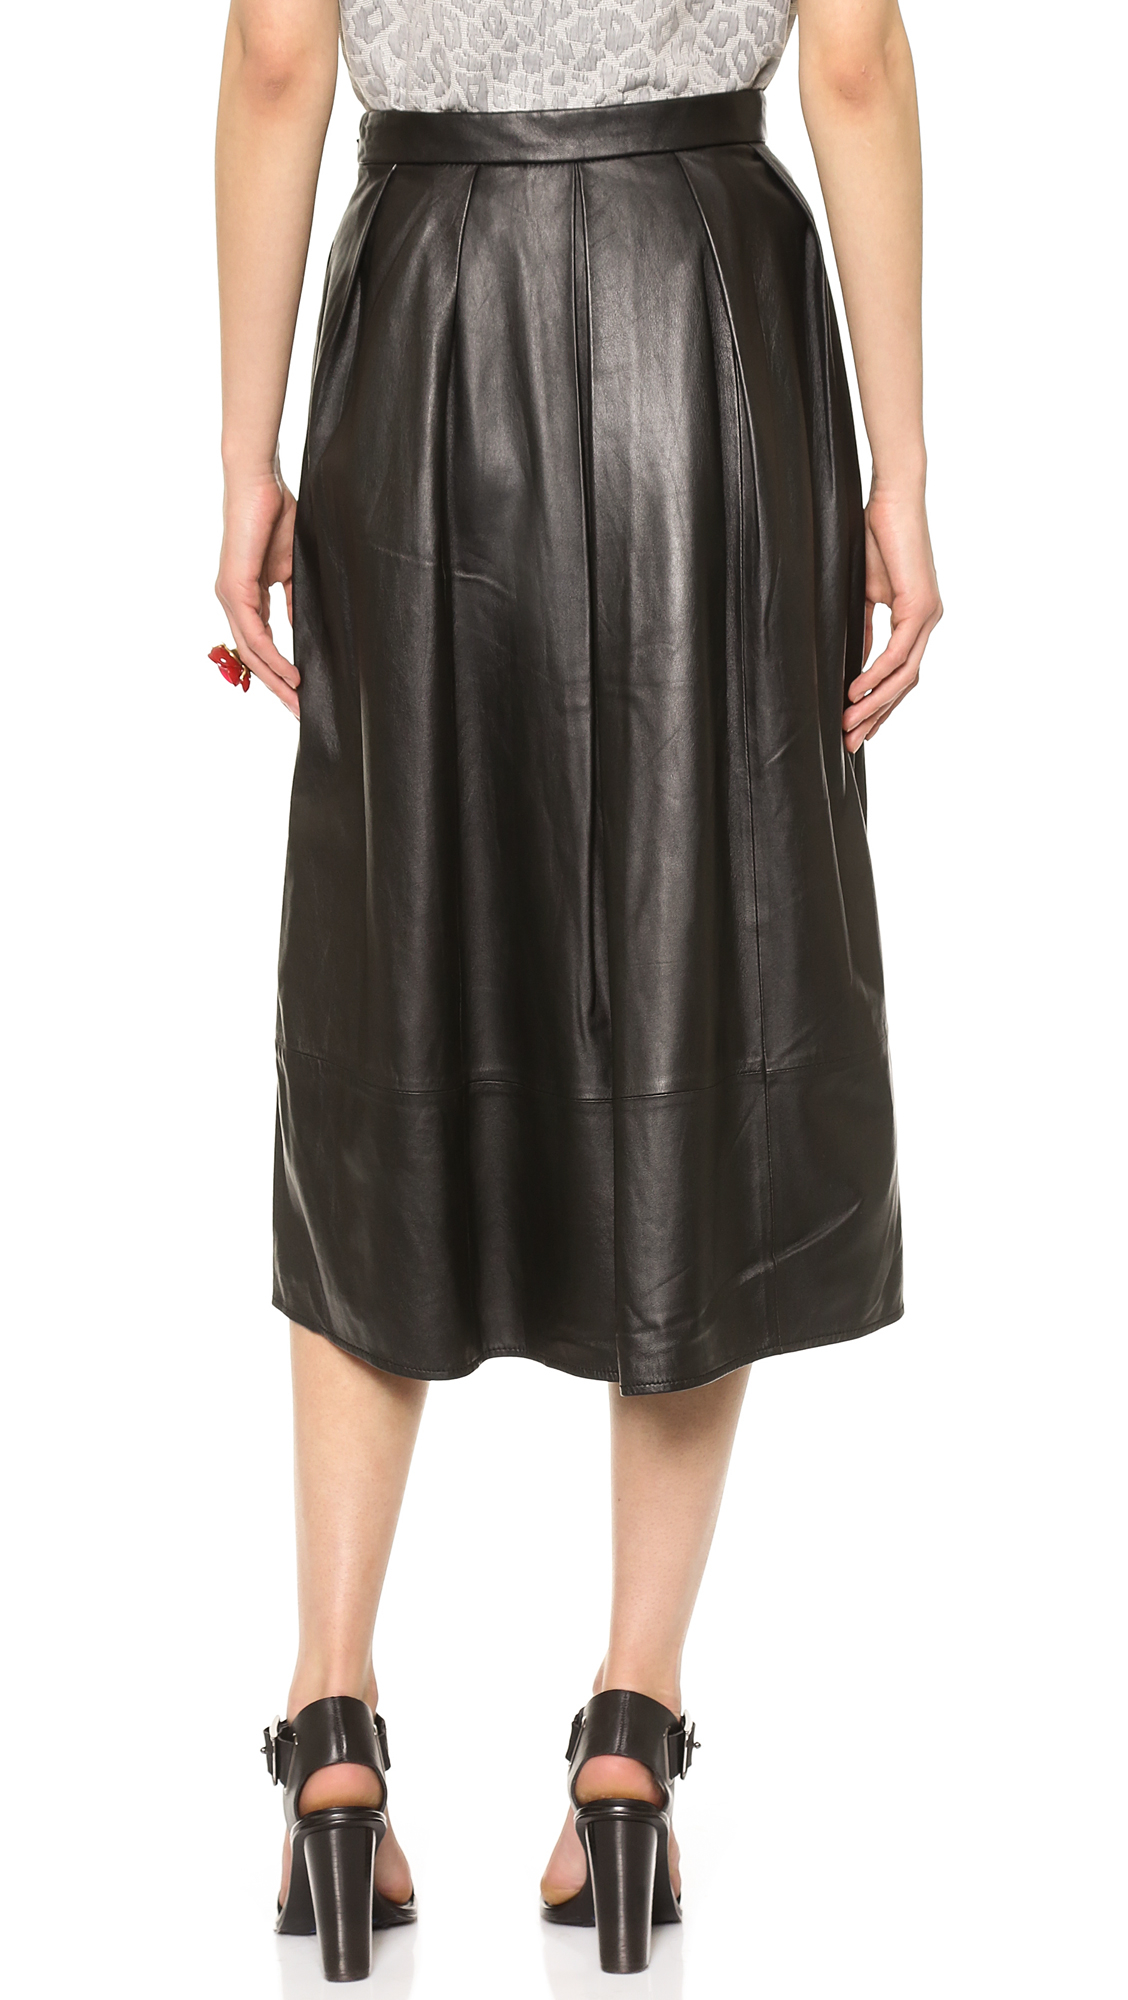 Lyst Tibi Full Leather Skirt Black In Black